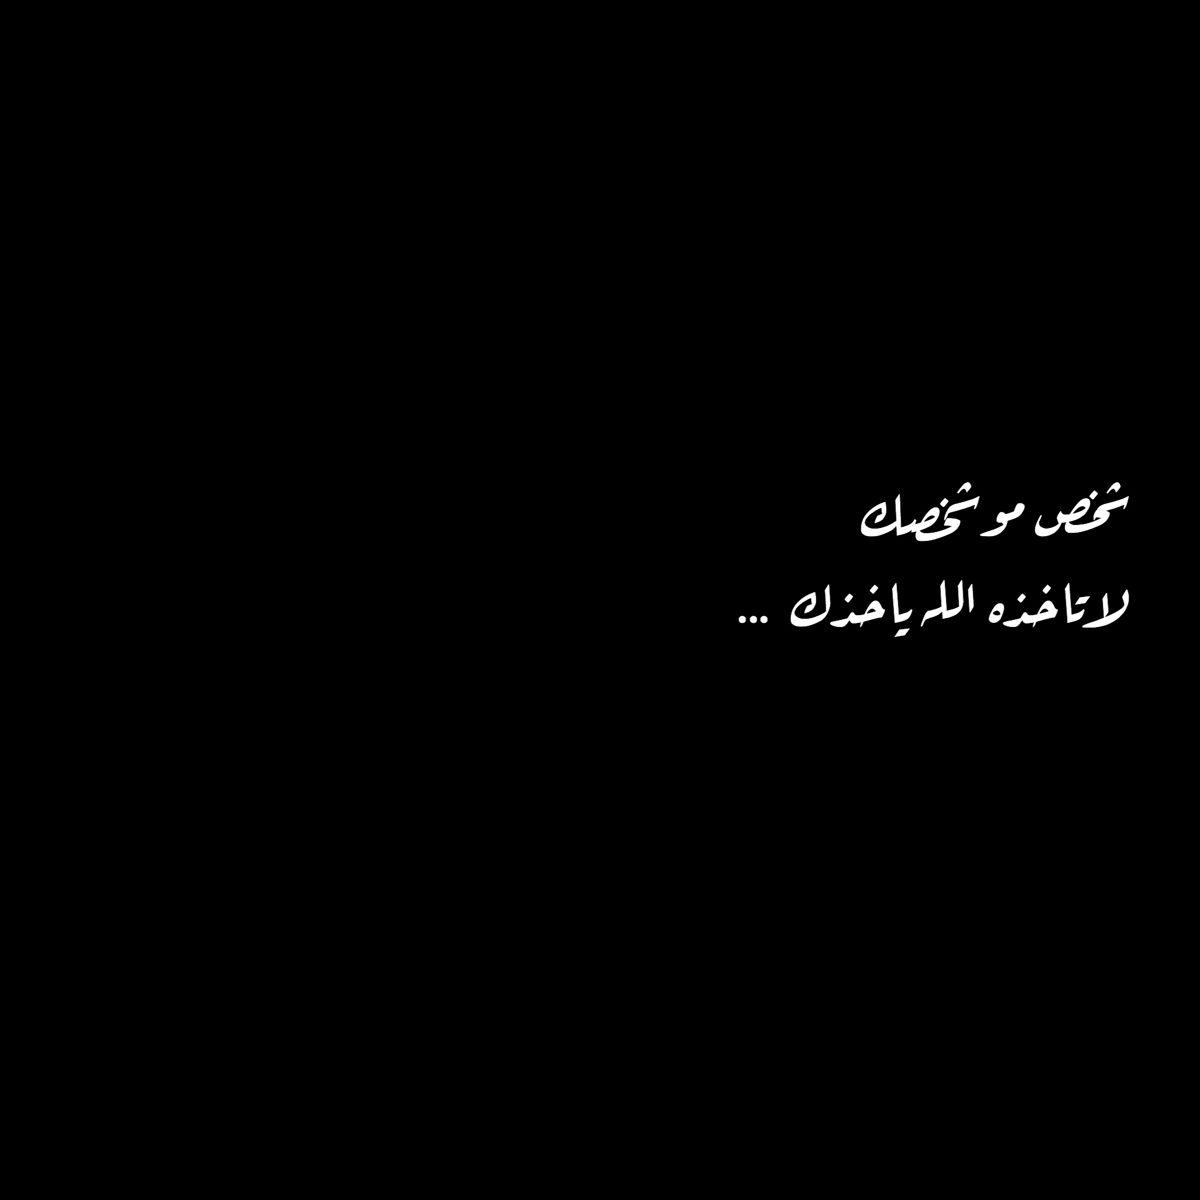 اقتباسات رمزيات كتاب كتابات تصاميم تصميم اغاني عرس حنيت حني Funny Arabic Quotes Feelings Quotes Sweet Words